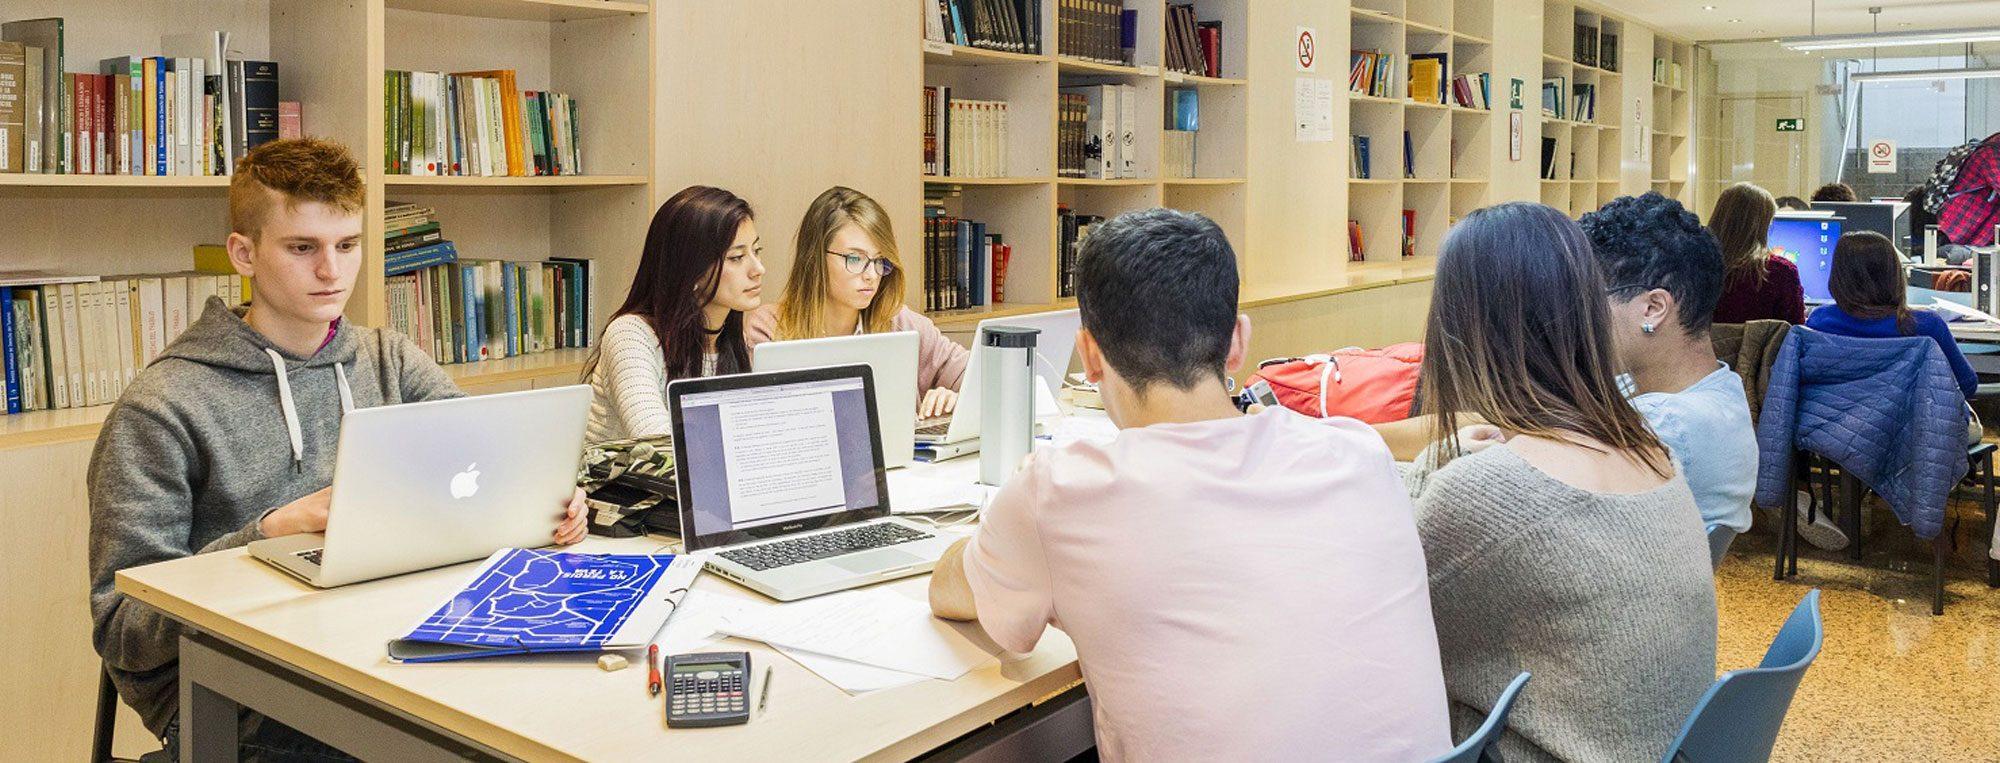 biblioteca escuela mediterrani